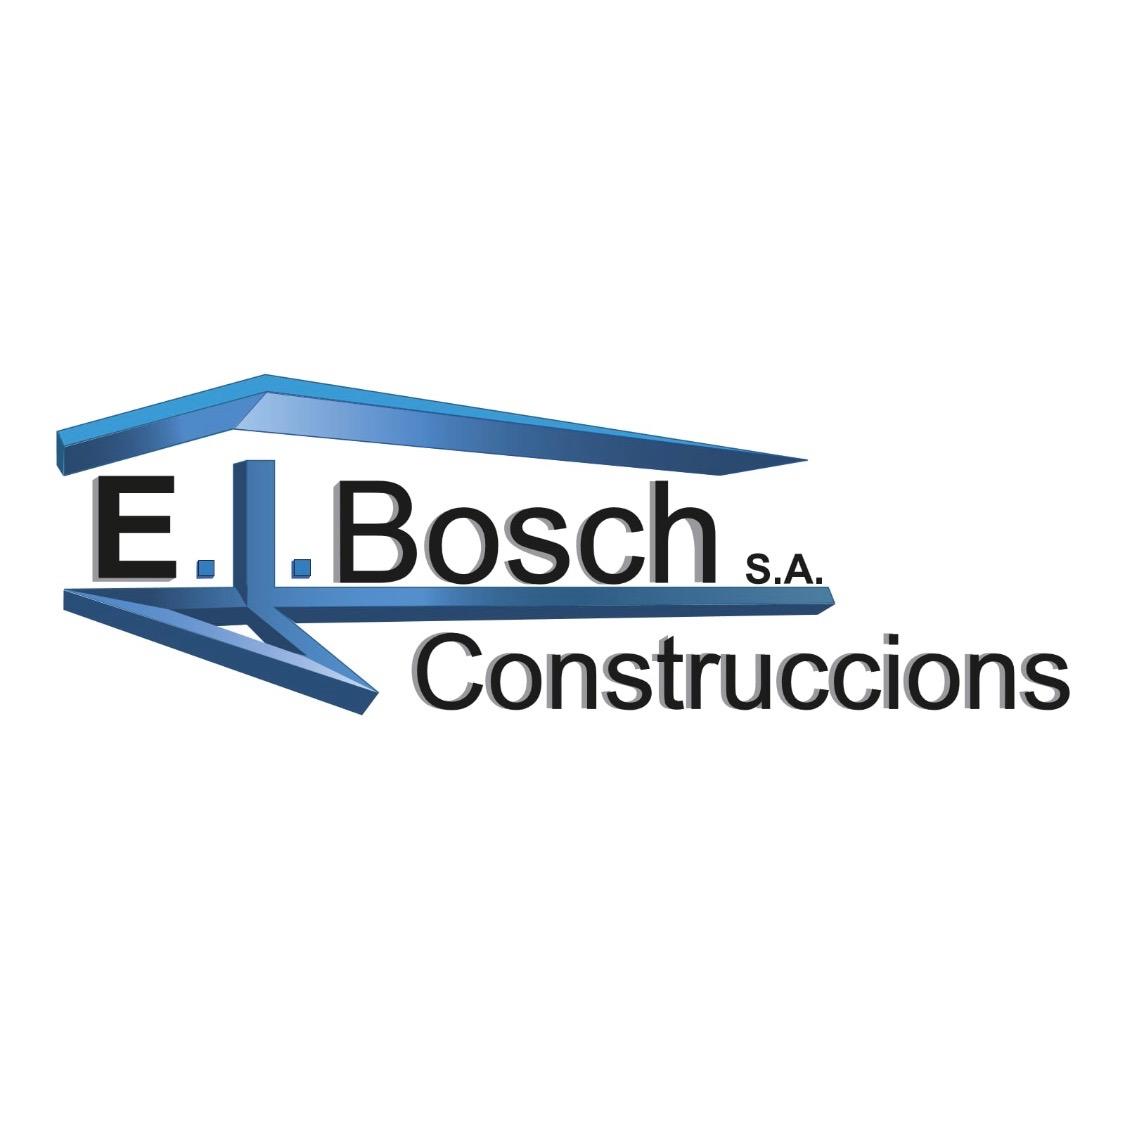 Construccions E.J. Bosch